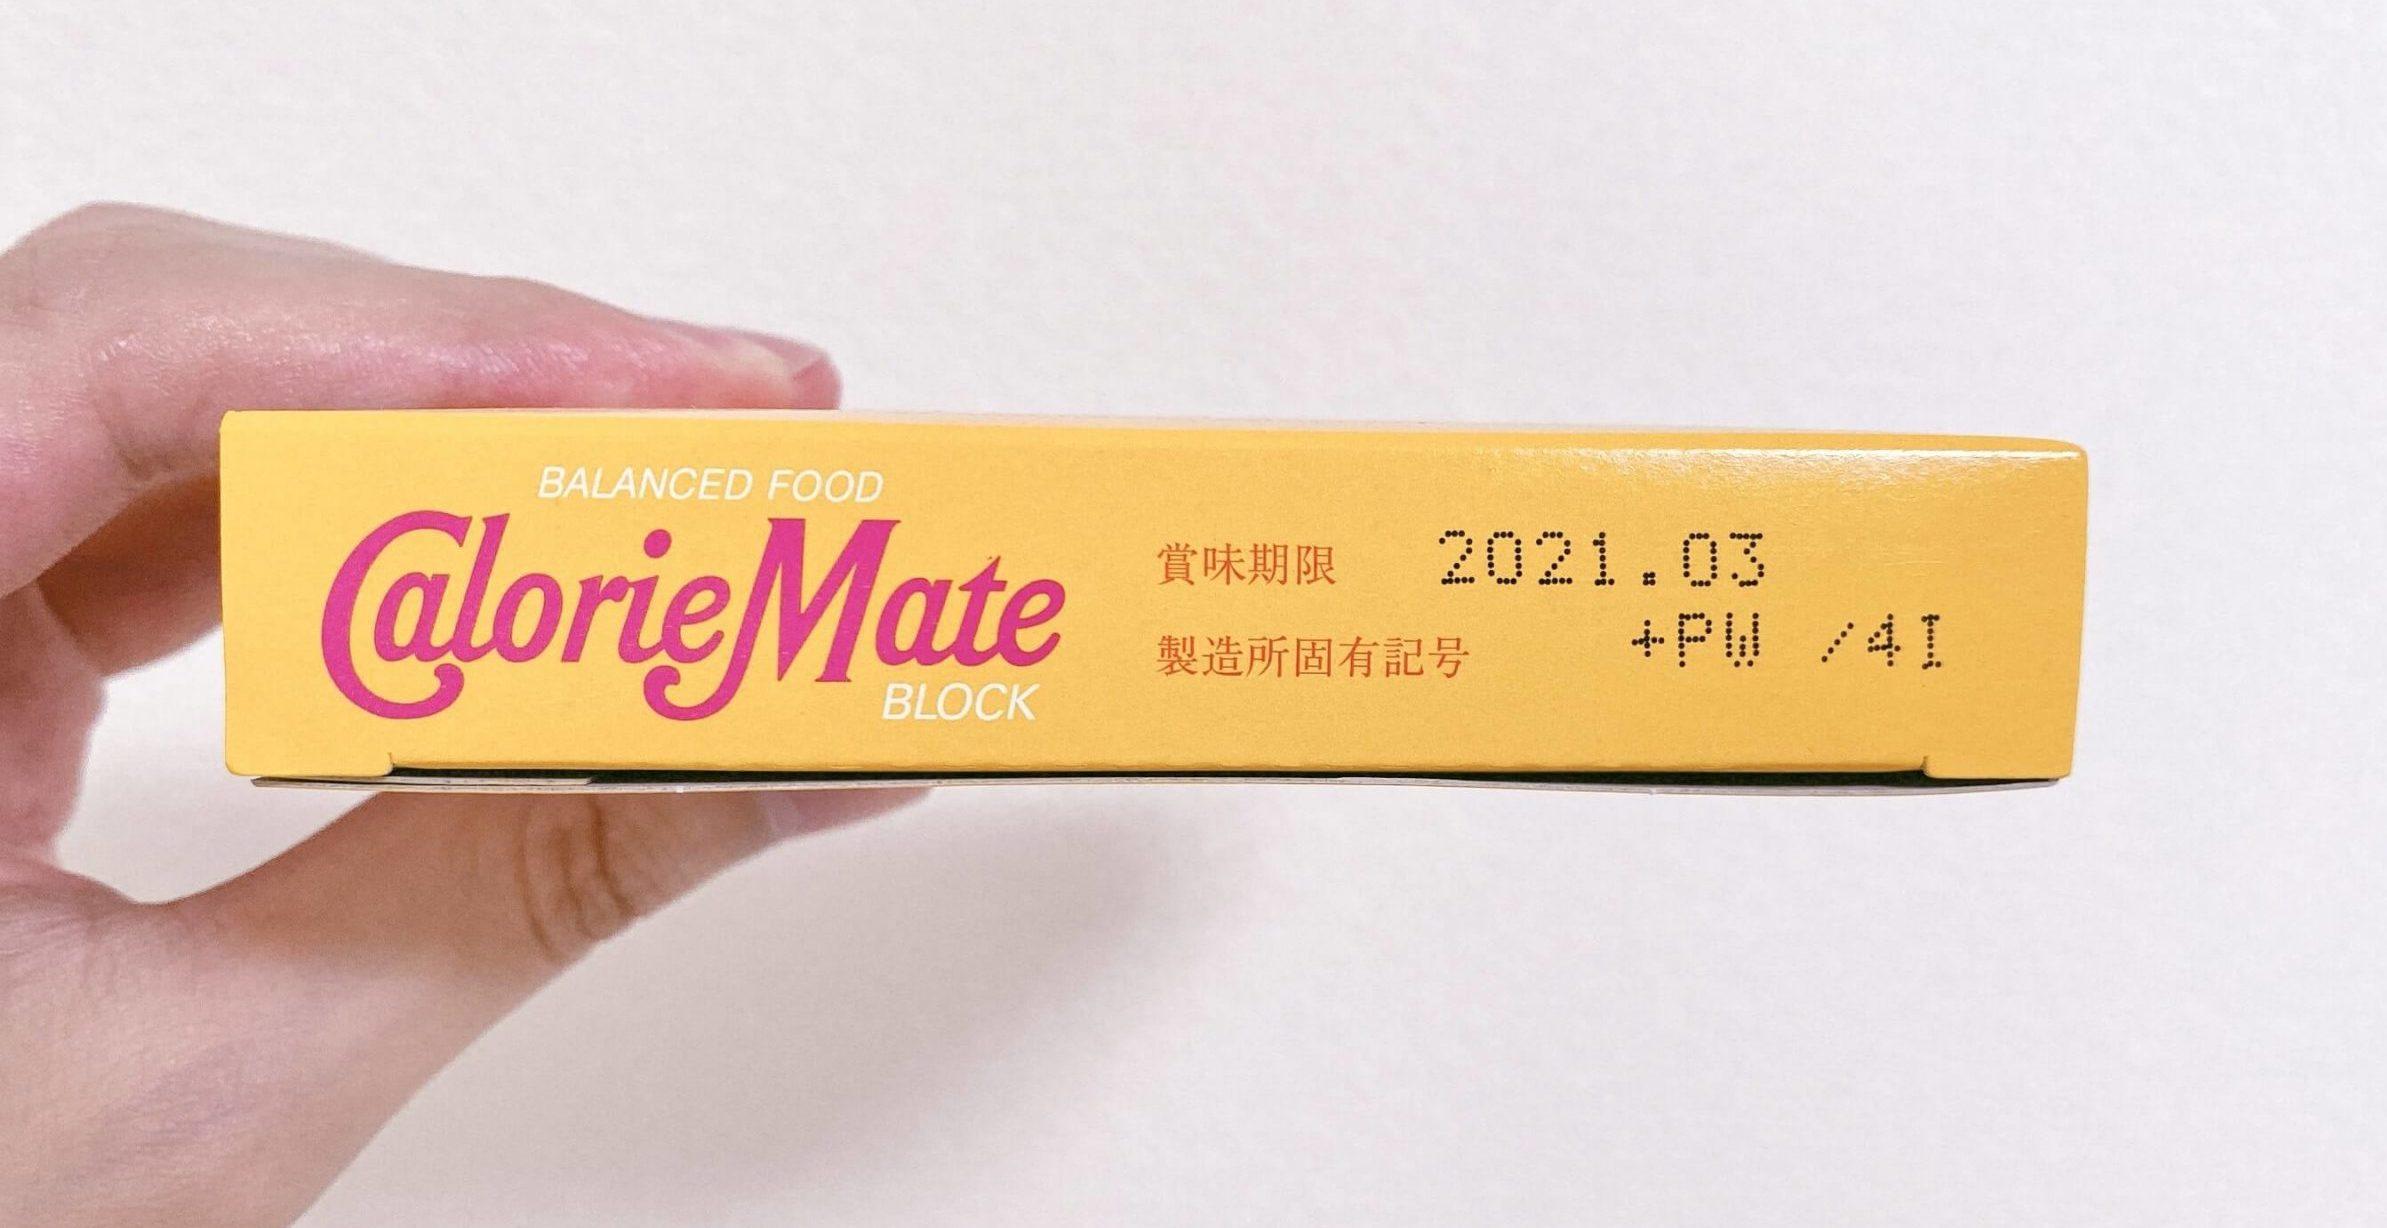 カロリーメイトの箱に記載された賞味期限